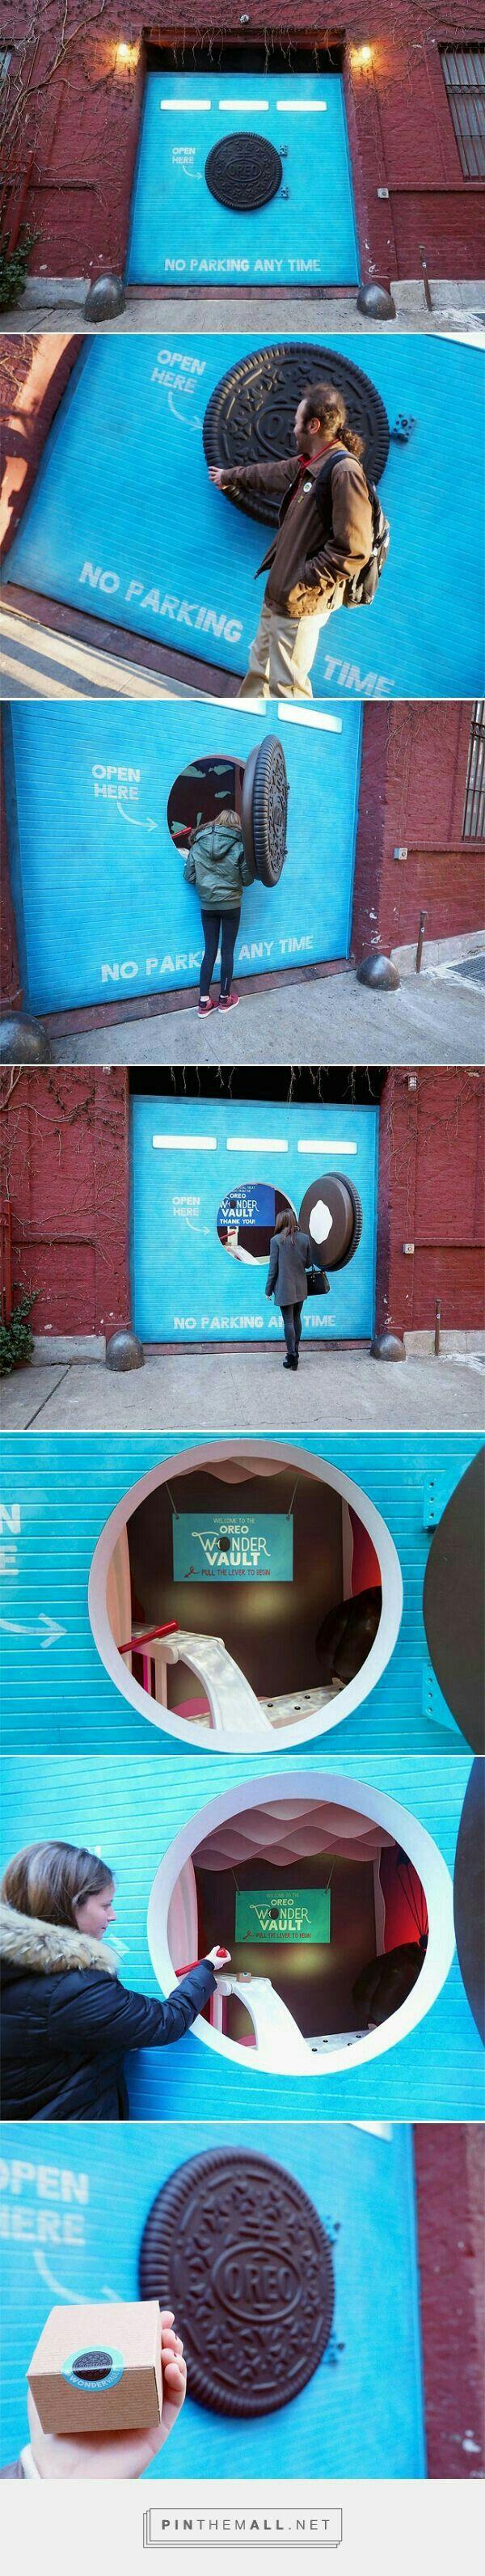 Marketing experiencial de la mano de oreo. Con esta idea tan creativa sorprendió a los viandantes. Cómo se observa en la foto solo hay que abrir la puerta y tirar de la palanca para que te toque un pack de oreos.